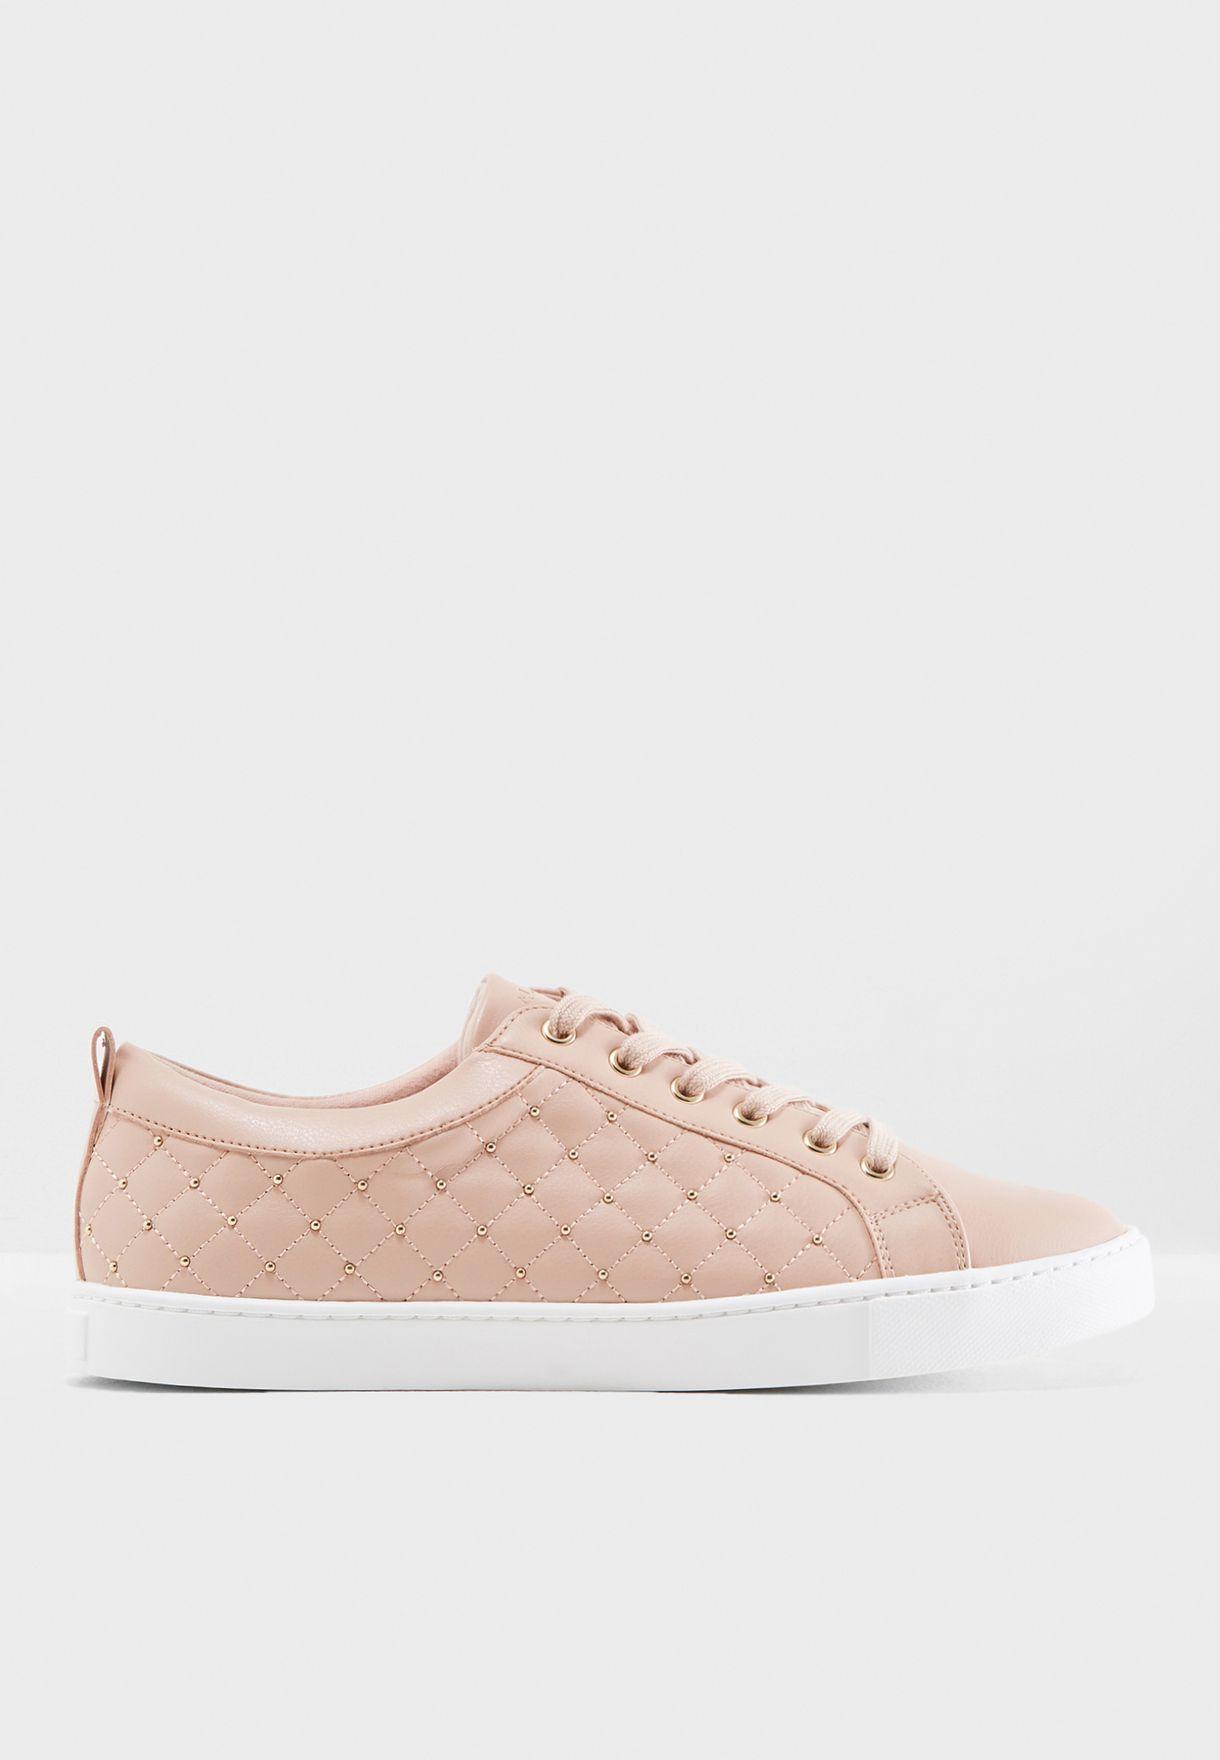 ec3eb92c0481 Shop Aldo pink Lace Up Sneaker WICARDOWIA34 for Women in UAE ...